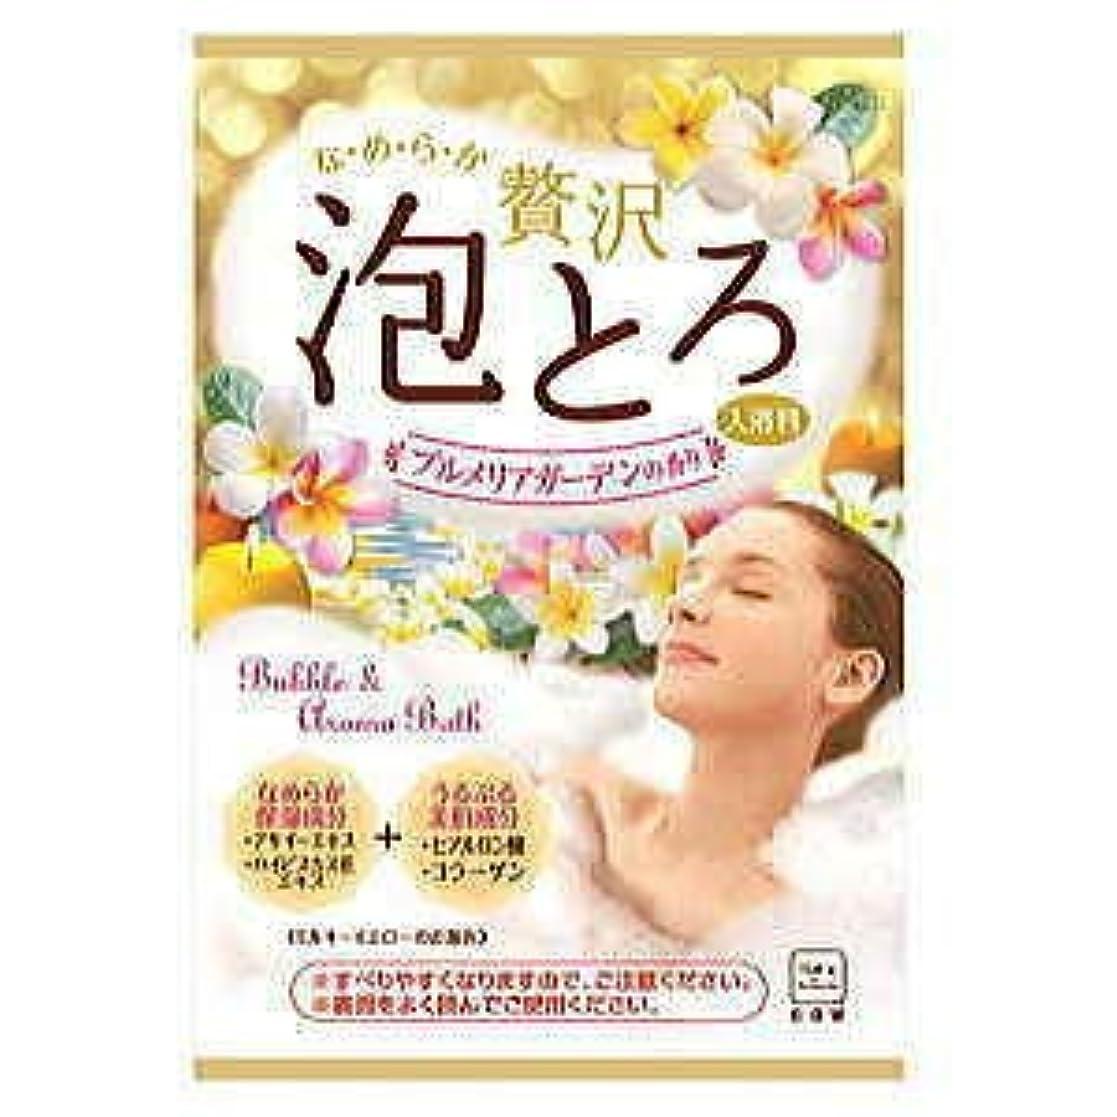 ワイプバルセロナワイプ牛乳石鹸 お湯物語 贅沢泡とろ 入浴料 プルメリアガーデン 30g 16個セット